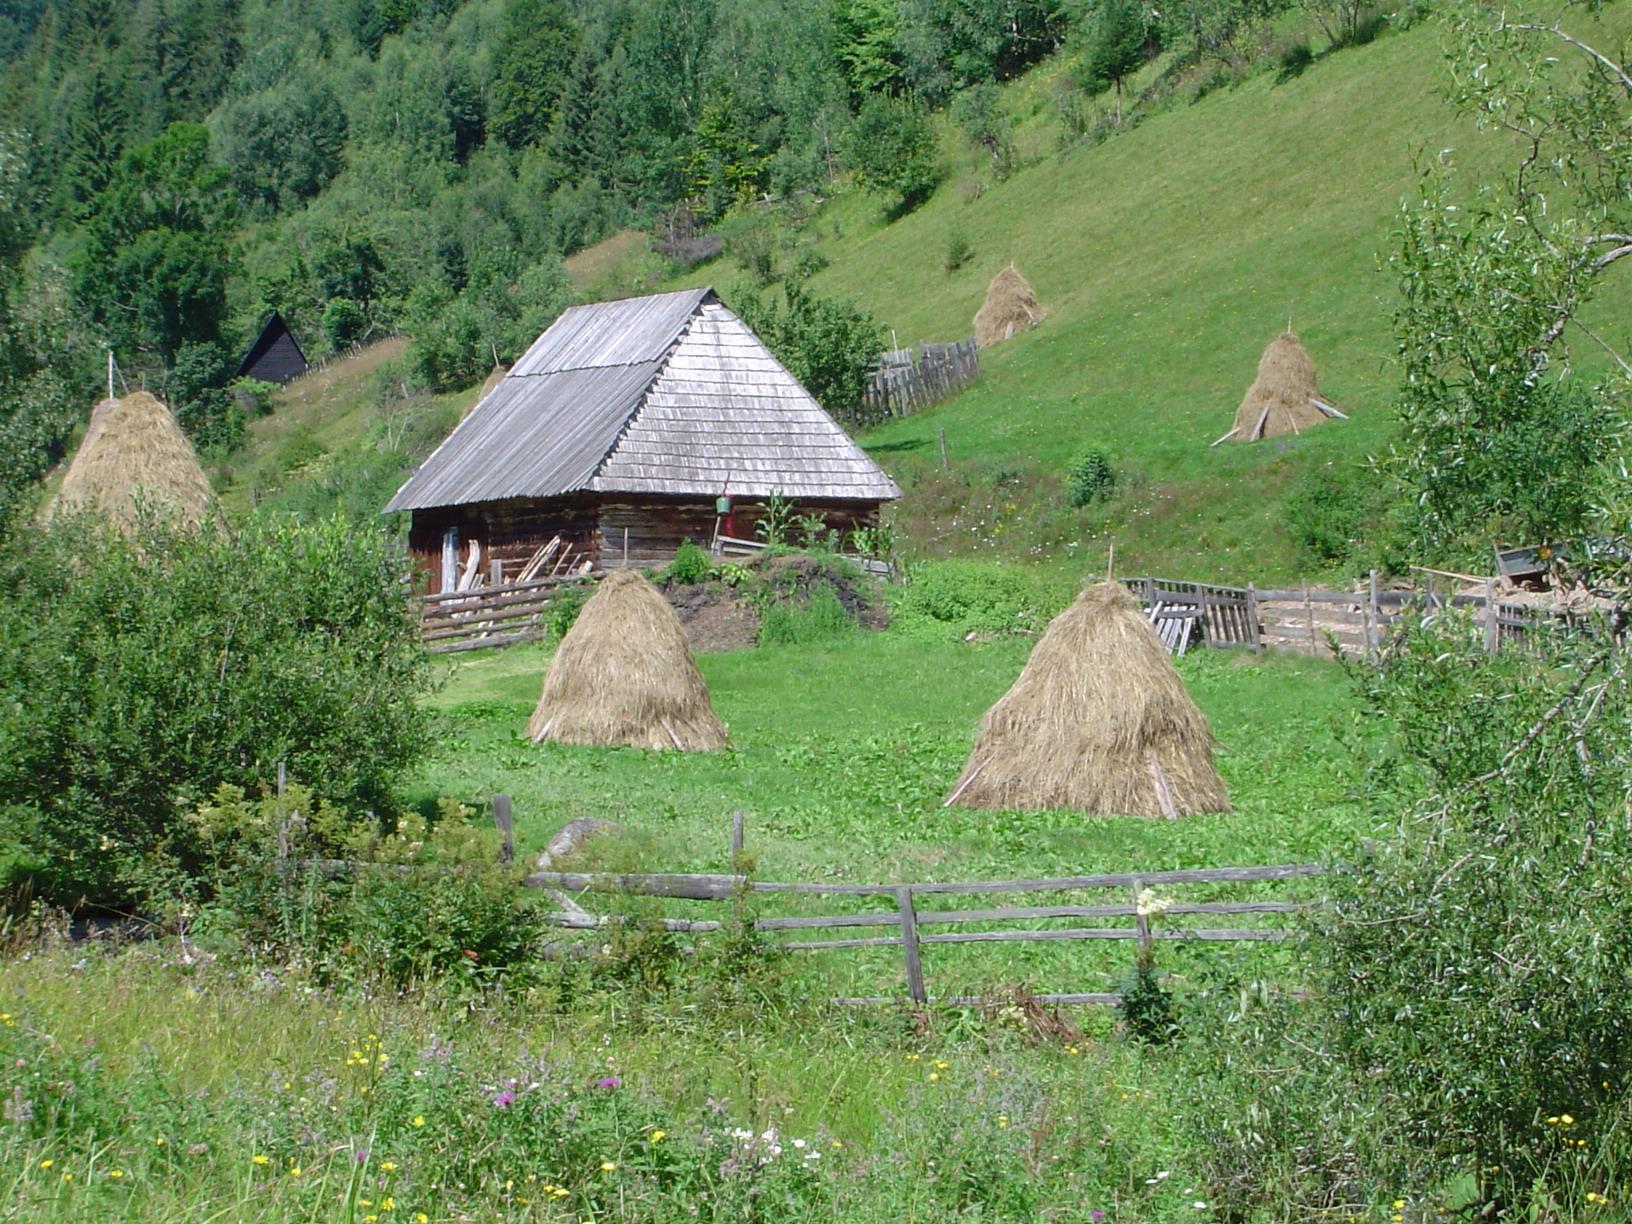 Rumänien_landschaft7